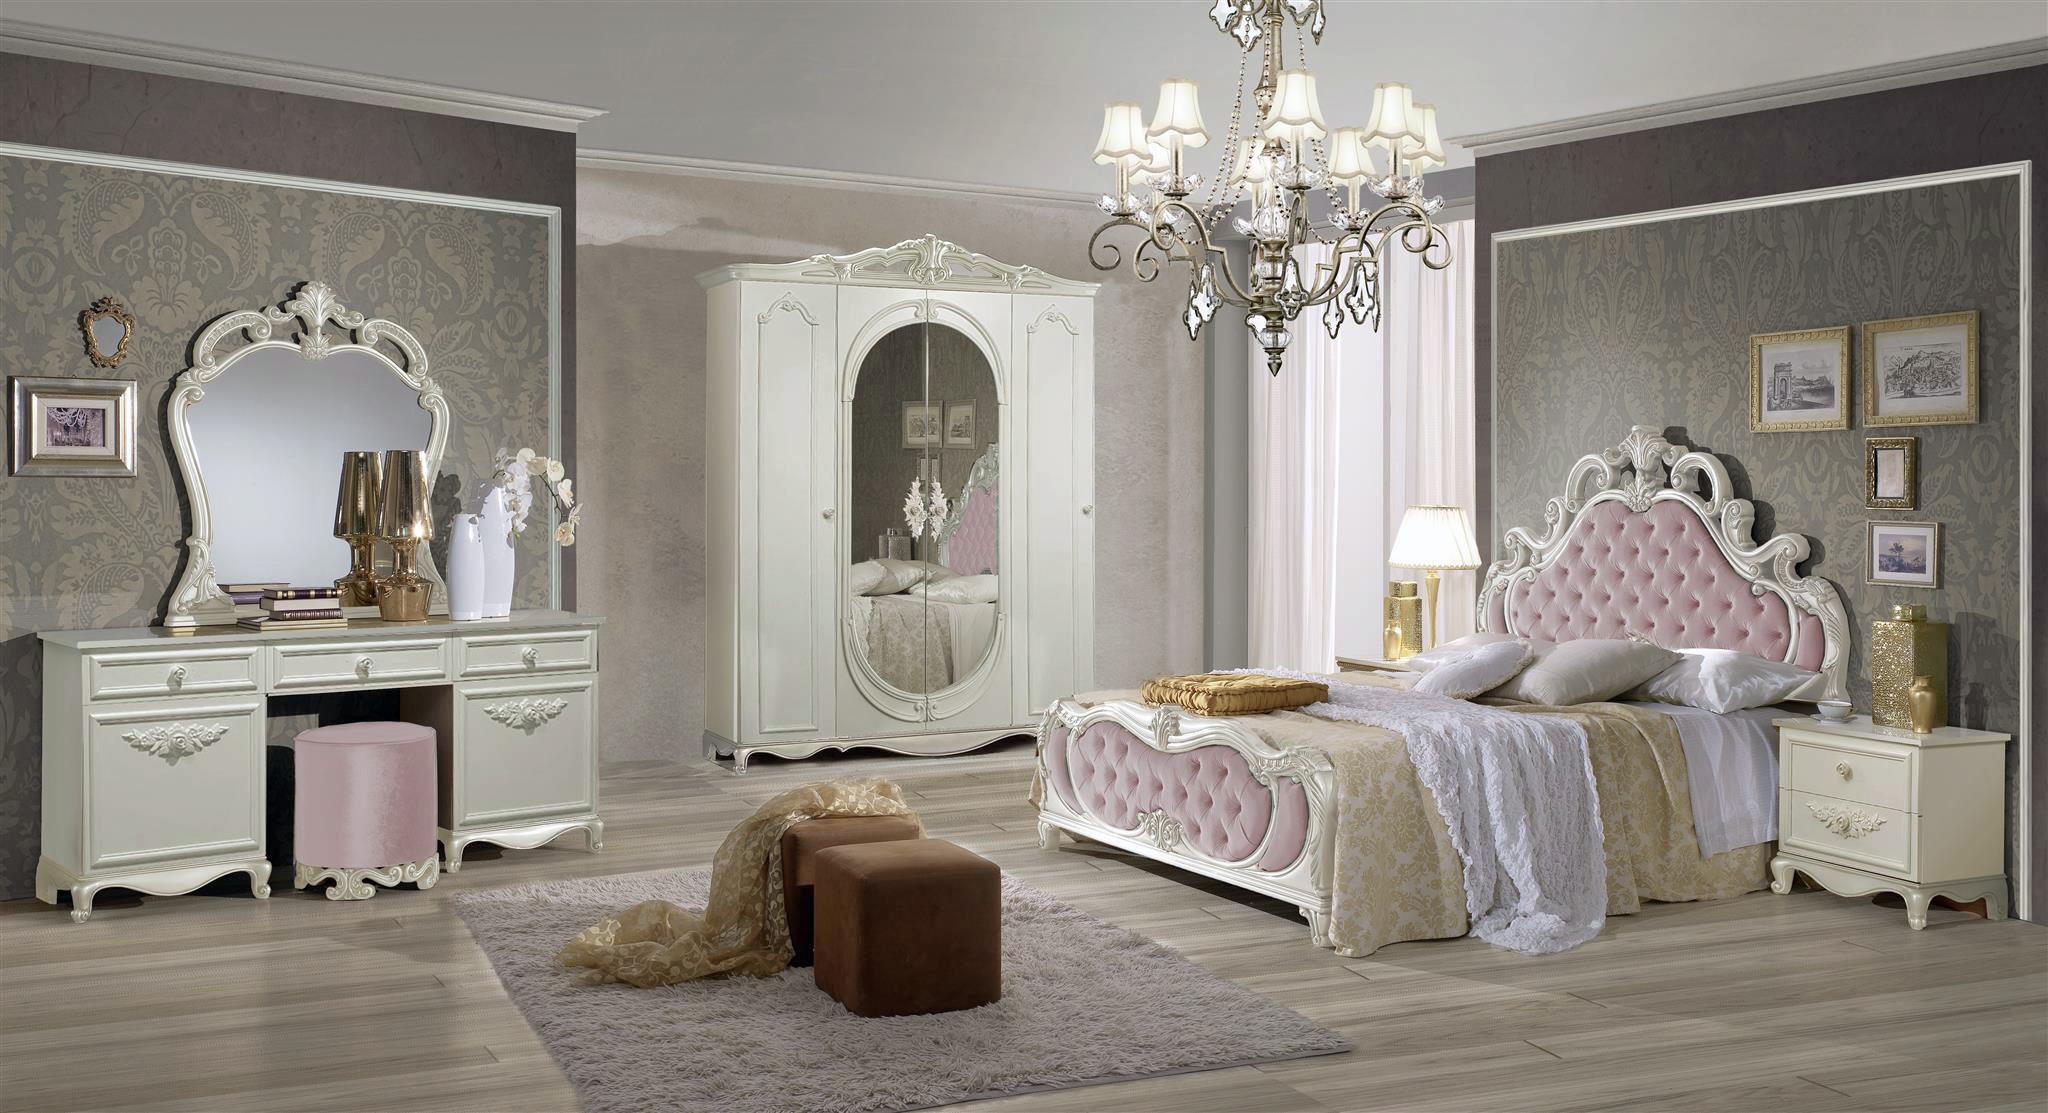 Schlafzimmer set atene in creme weiss rosa 180x200 cm mit schrank 4 t rig ohne lattenrost - Schlafzimmer mit schminktisch ...